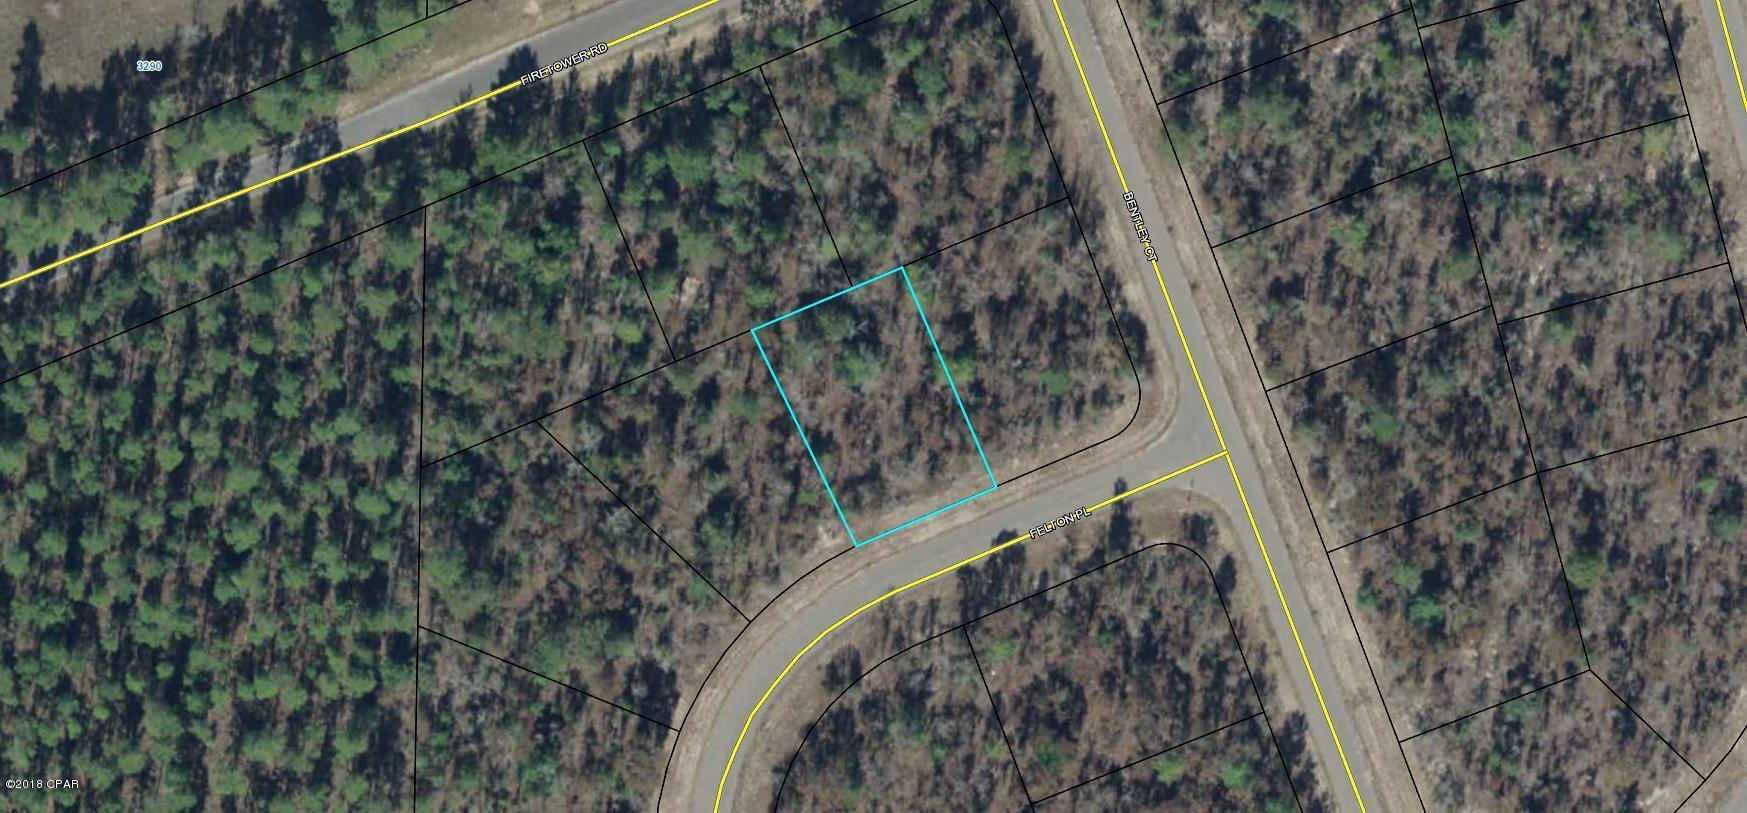 Photo of 0.234 Acre Felton Place Chipley FL 32428